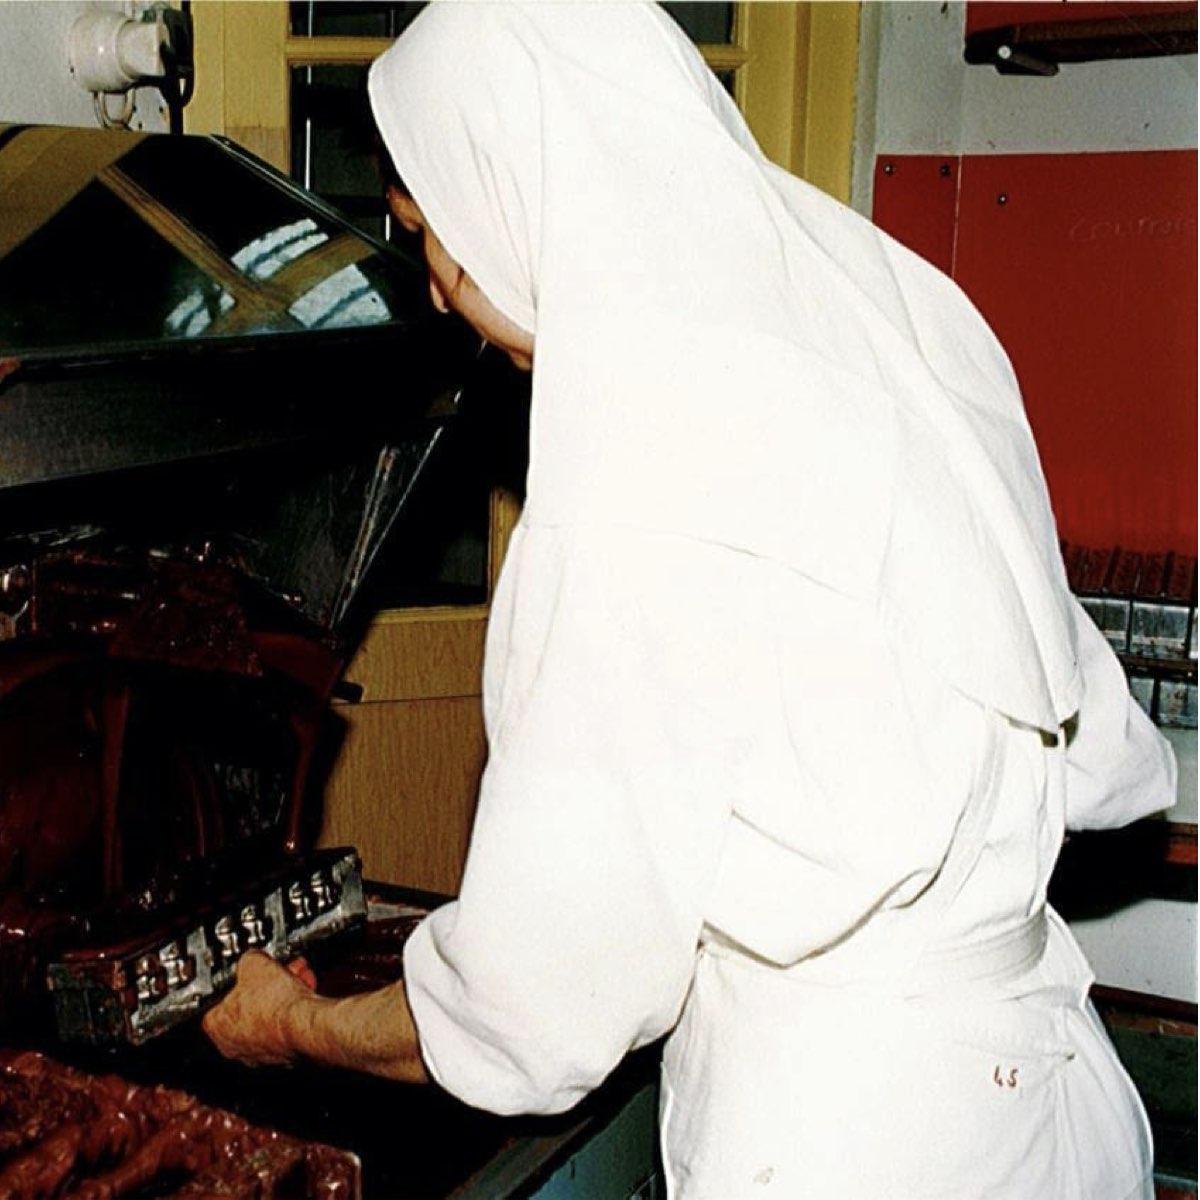 La sœur chocolatière remplit les moules de chocolat, gare aux gourmands ! ©Abbaye Igny